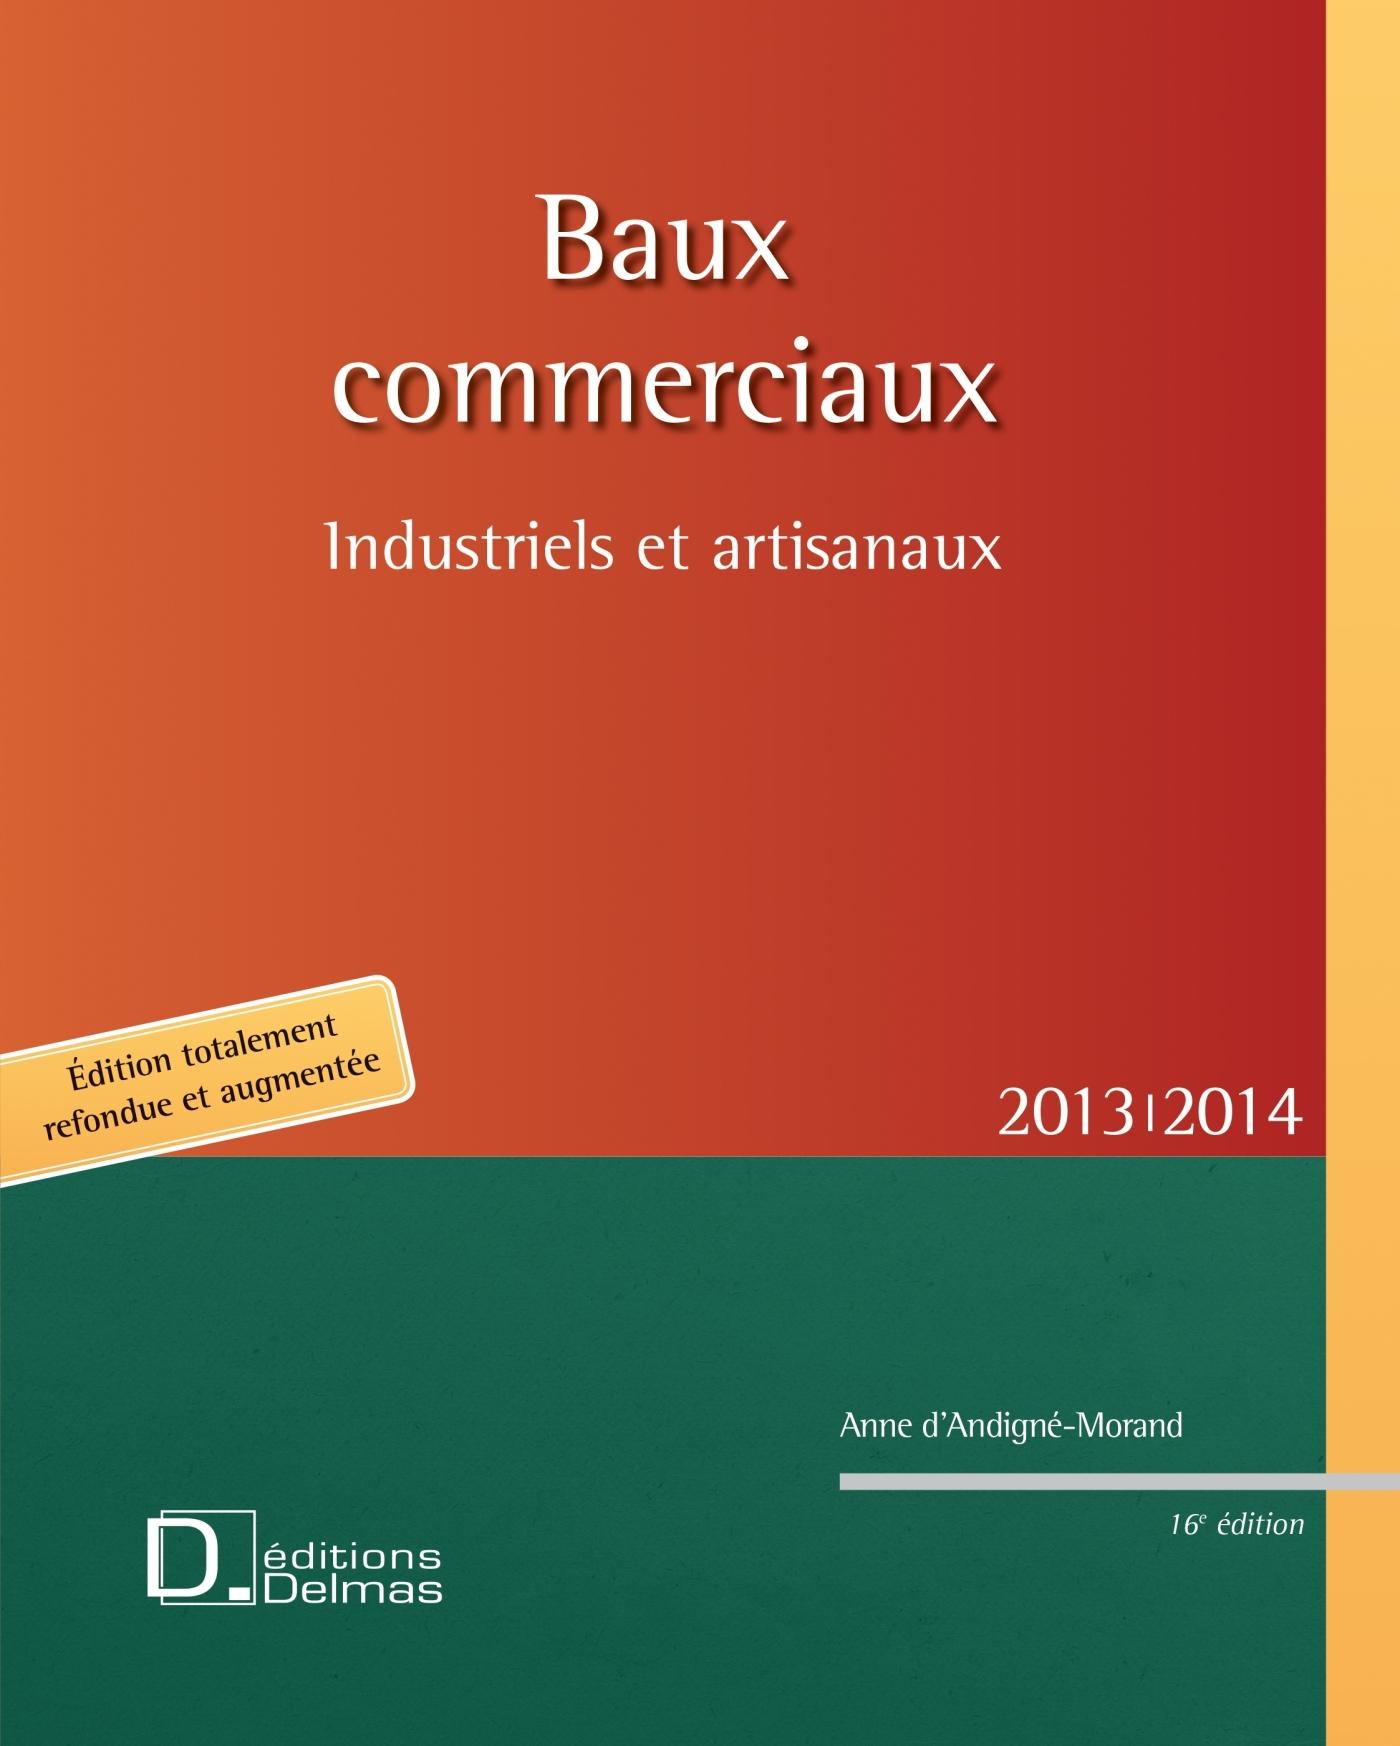 BAUX COMMERCIAUX INDUSTRIELS ET ARTISANAUX 2013/2014 - 16E ED.